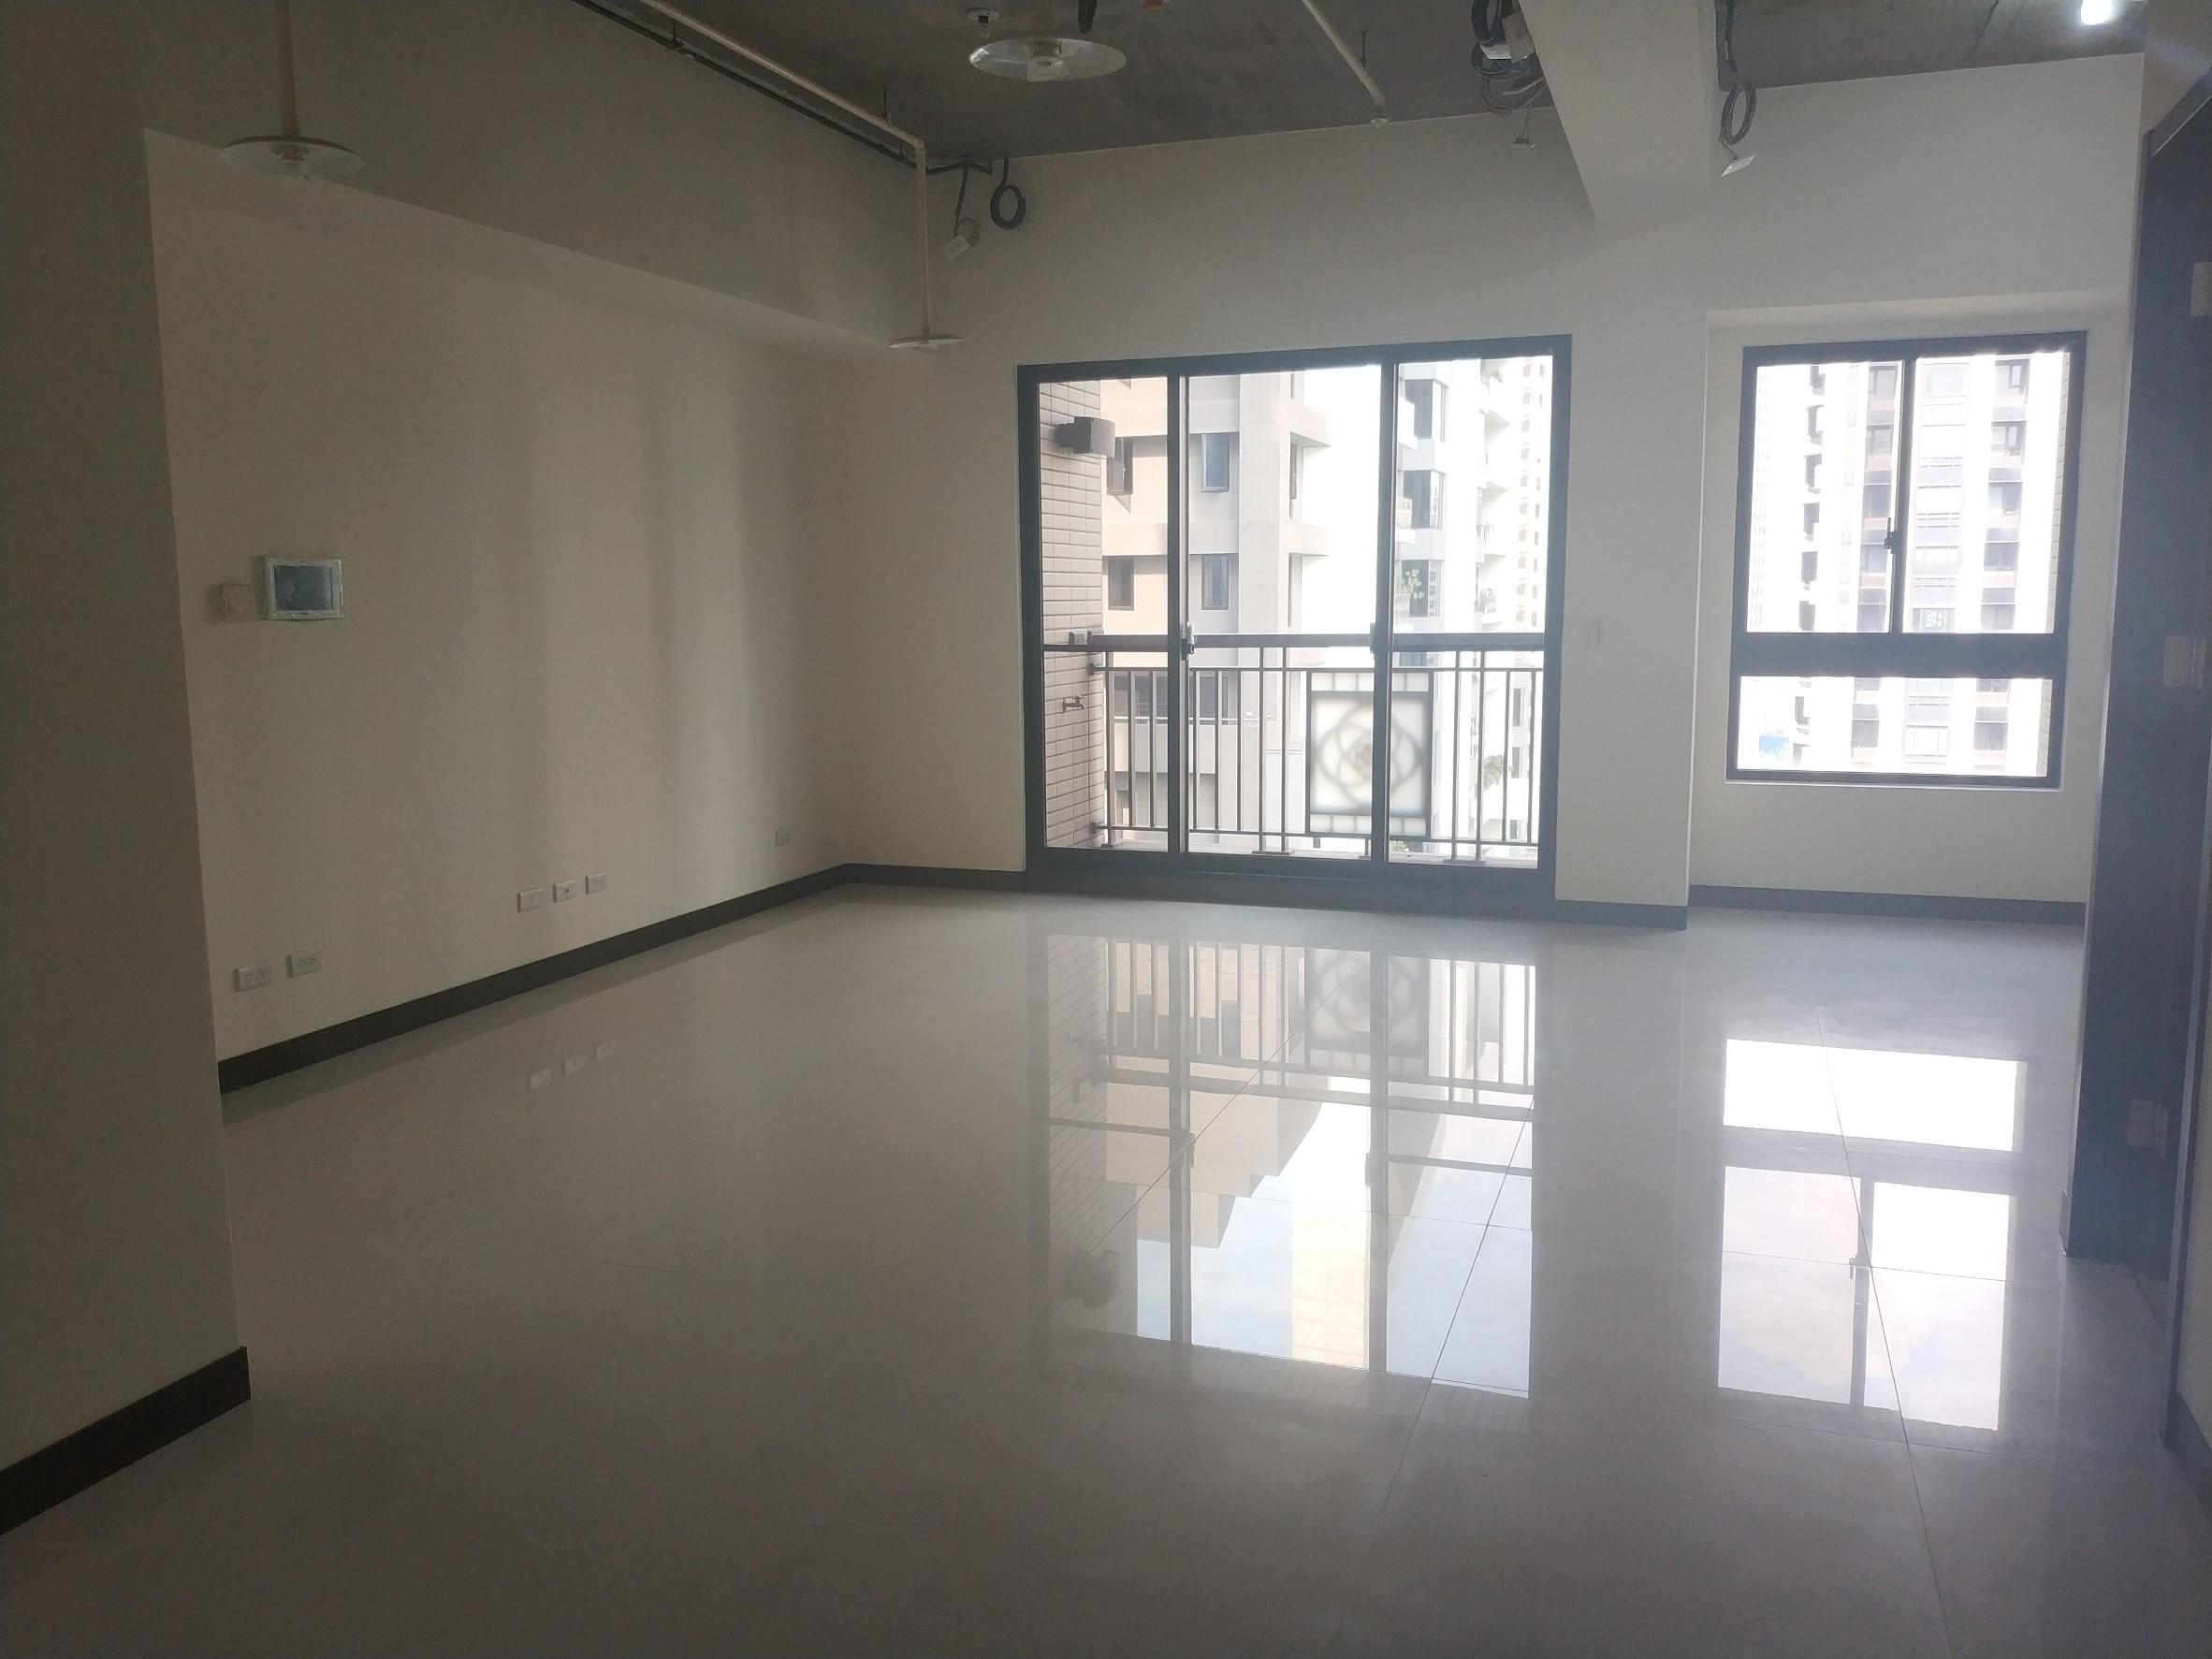 遠雄國匯14樓-龍邑不動產